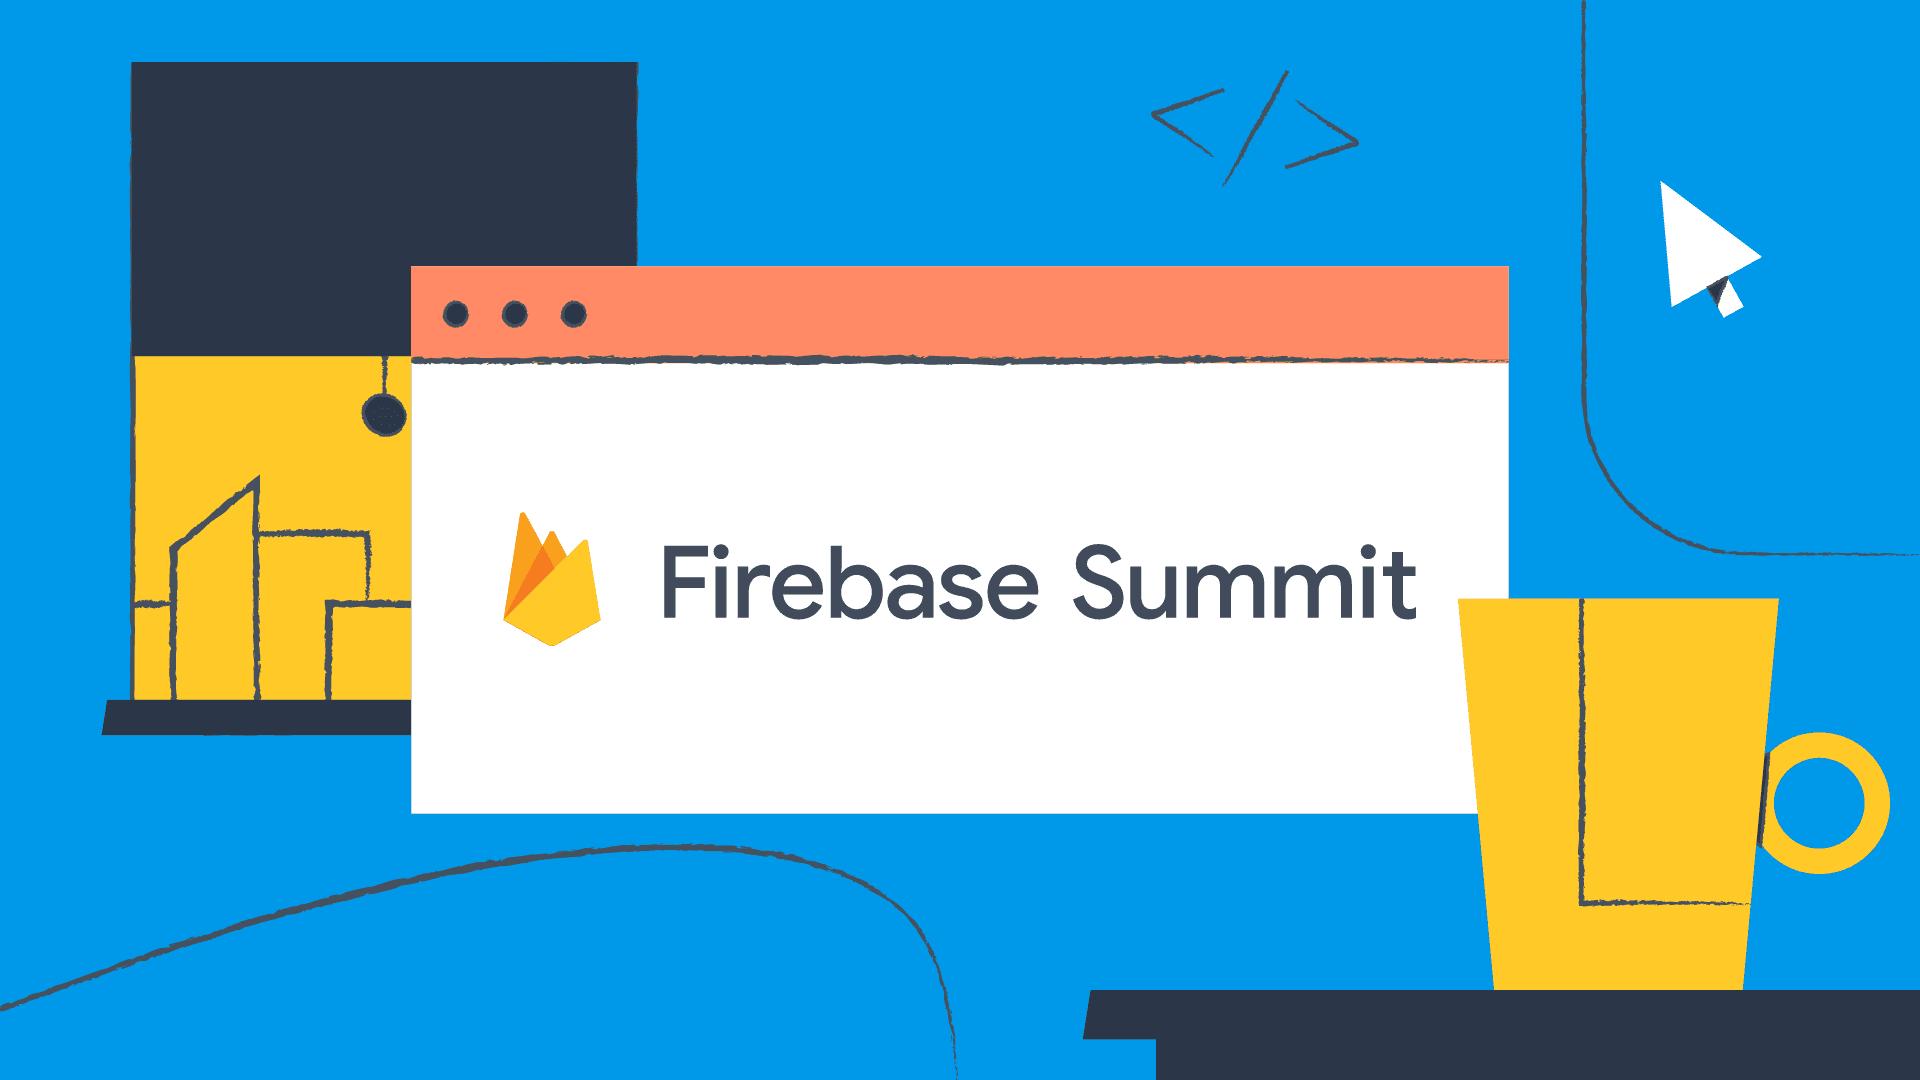 Hình minh họa Hội nghị thượng đỉnh Firebase